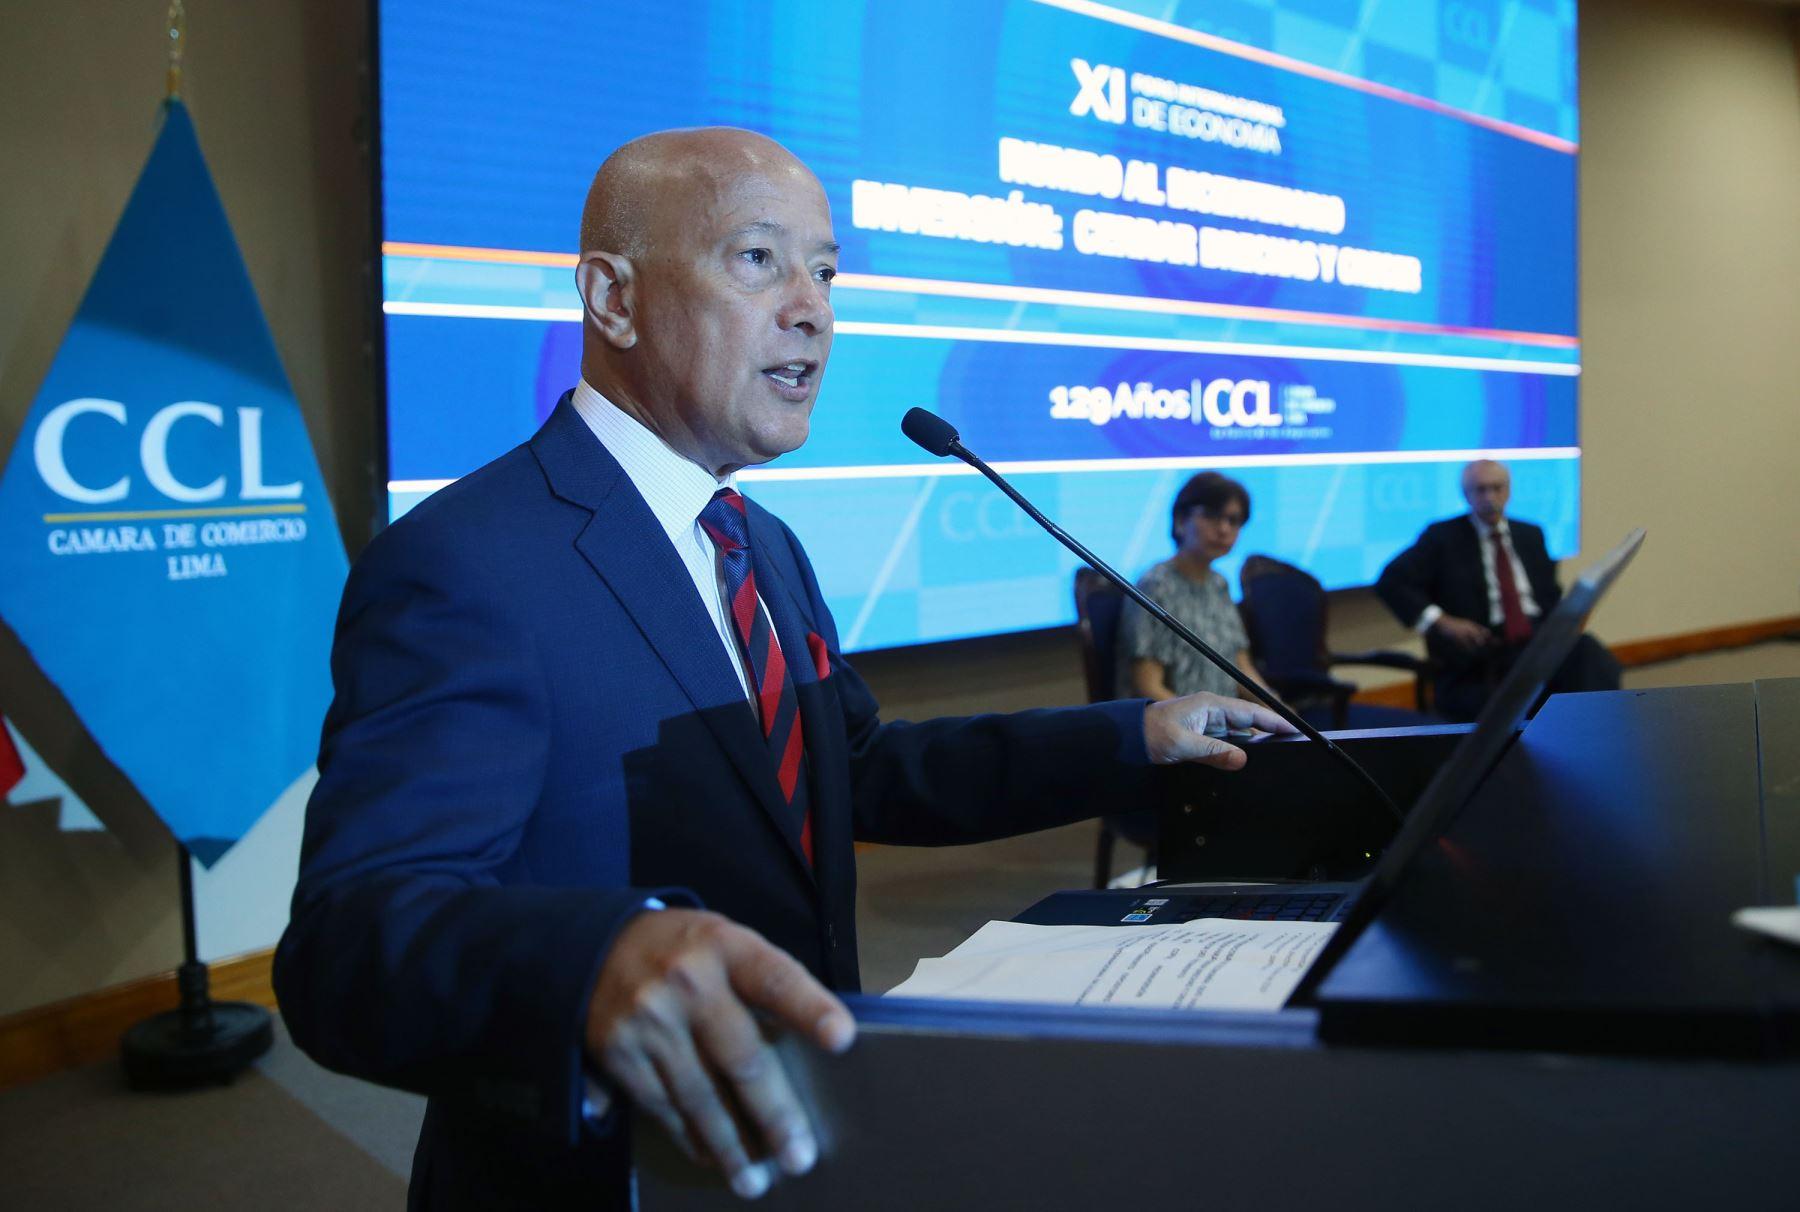 LIMA,PERÚ-ABRIL 19. Mario Mongilardi presidente de la Cámara de comercio de Lima expone en el XI Foro Internacional de Economía QUO VADIS PERÚ 2017. Foto: ANDINA/Vidal Tarqui